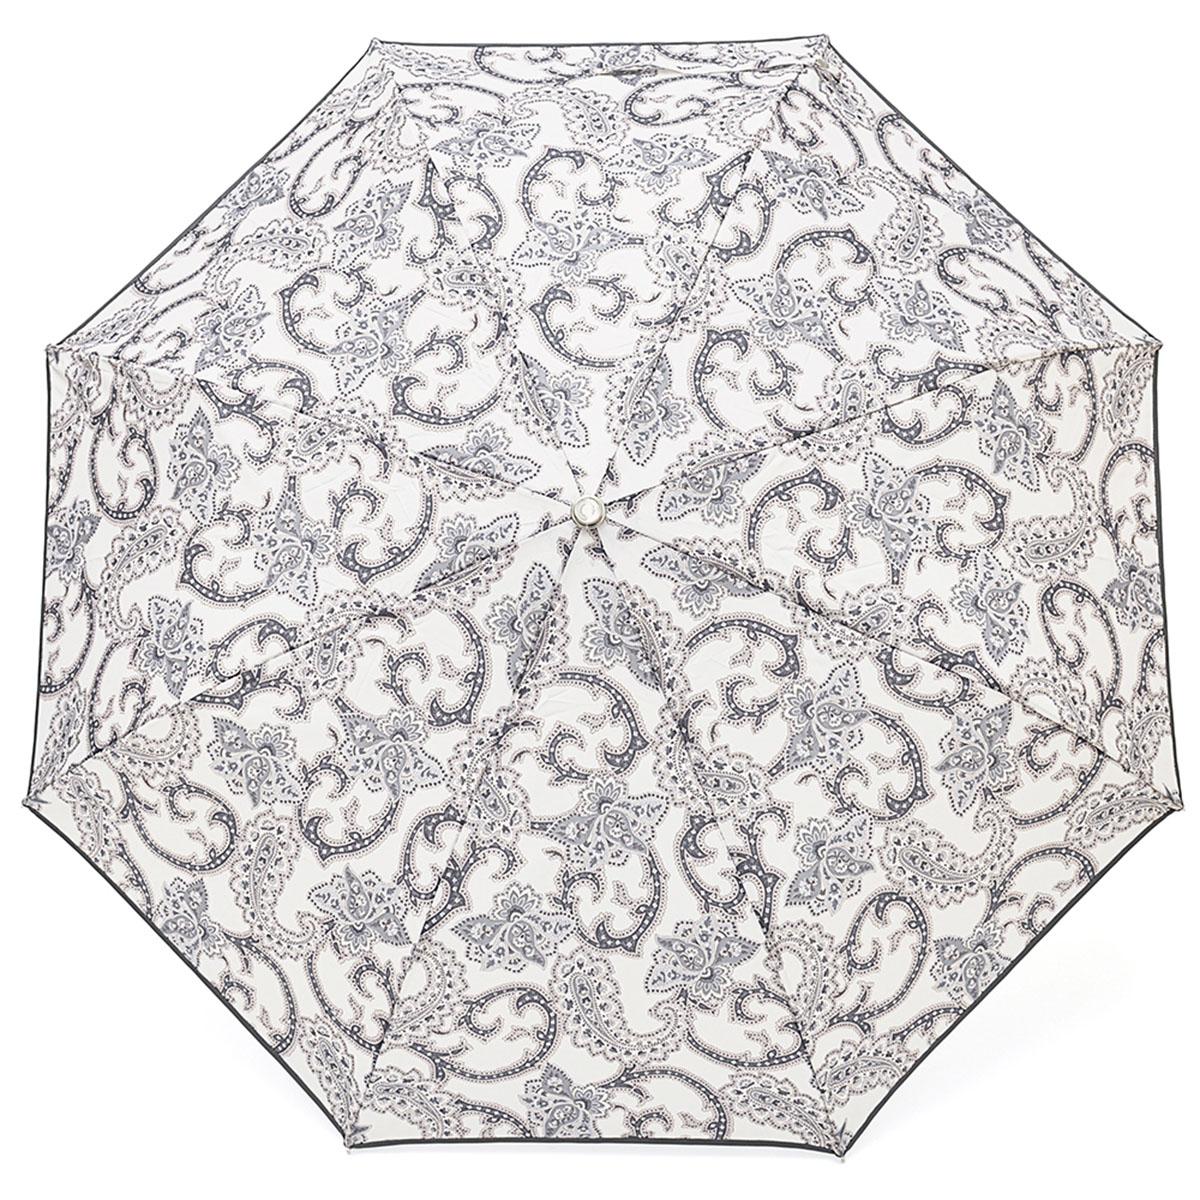 Зонт складной женский Stilla, цвет: серый. 697/2 mini697/2 miniОблегченный женский зонтик. Конструкция 3 сложения, полный автомат, облегченная конструкция (вес - 320 гр), система антиветер. Ткань - полиэстер. Диаметр купола - 112 см по верхней части, 101 см по нижней. Длина в сложенном состоянии - 27 см.